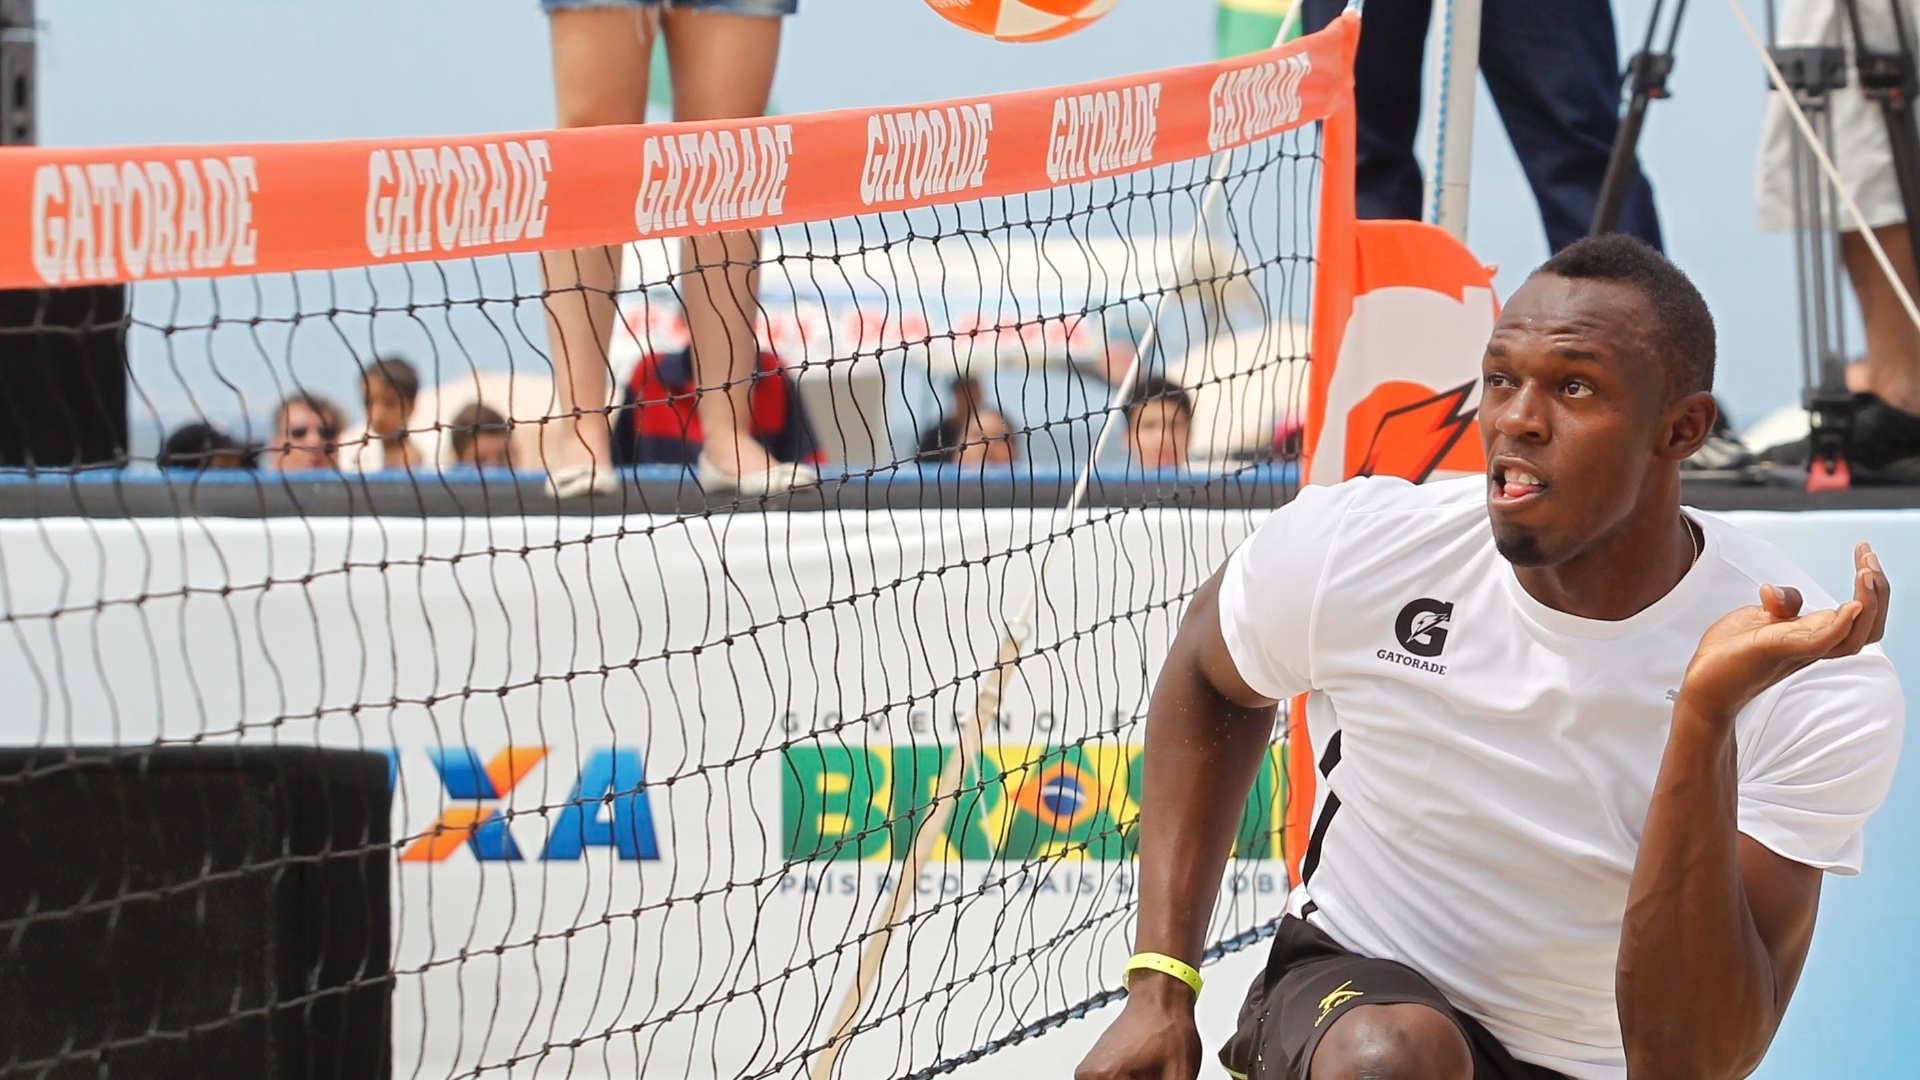 30.mar.2013 - Usain Bolt salta para cabecear bola durante partida de futevôlei em Copacabana, no Rio de Janeiro